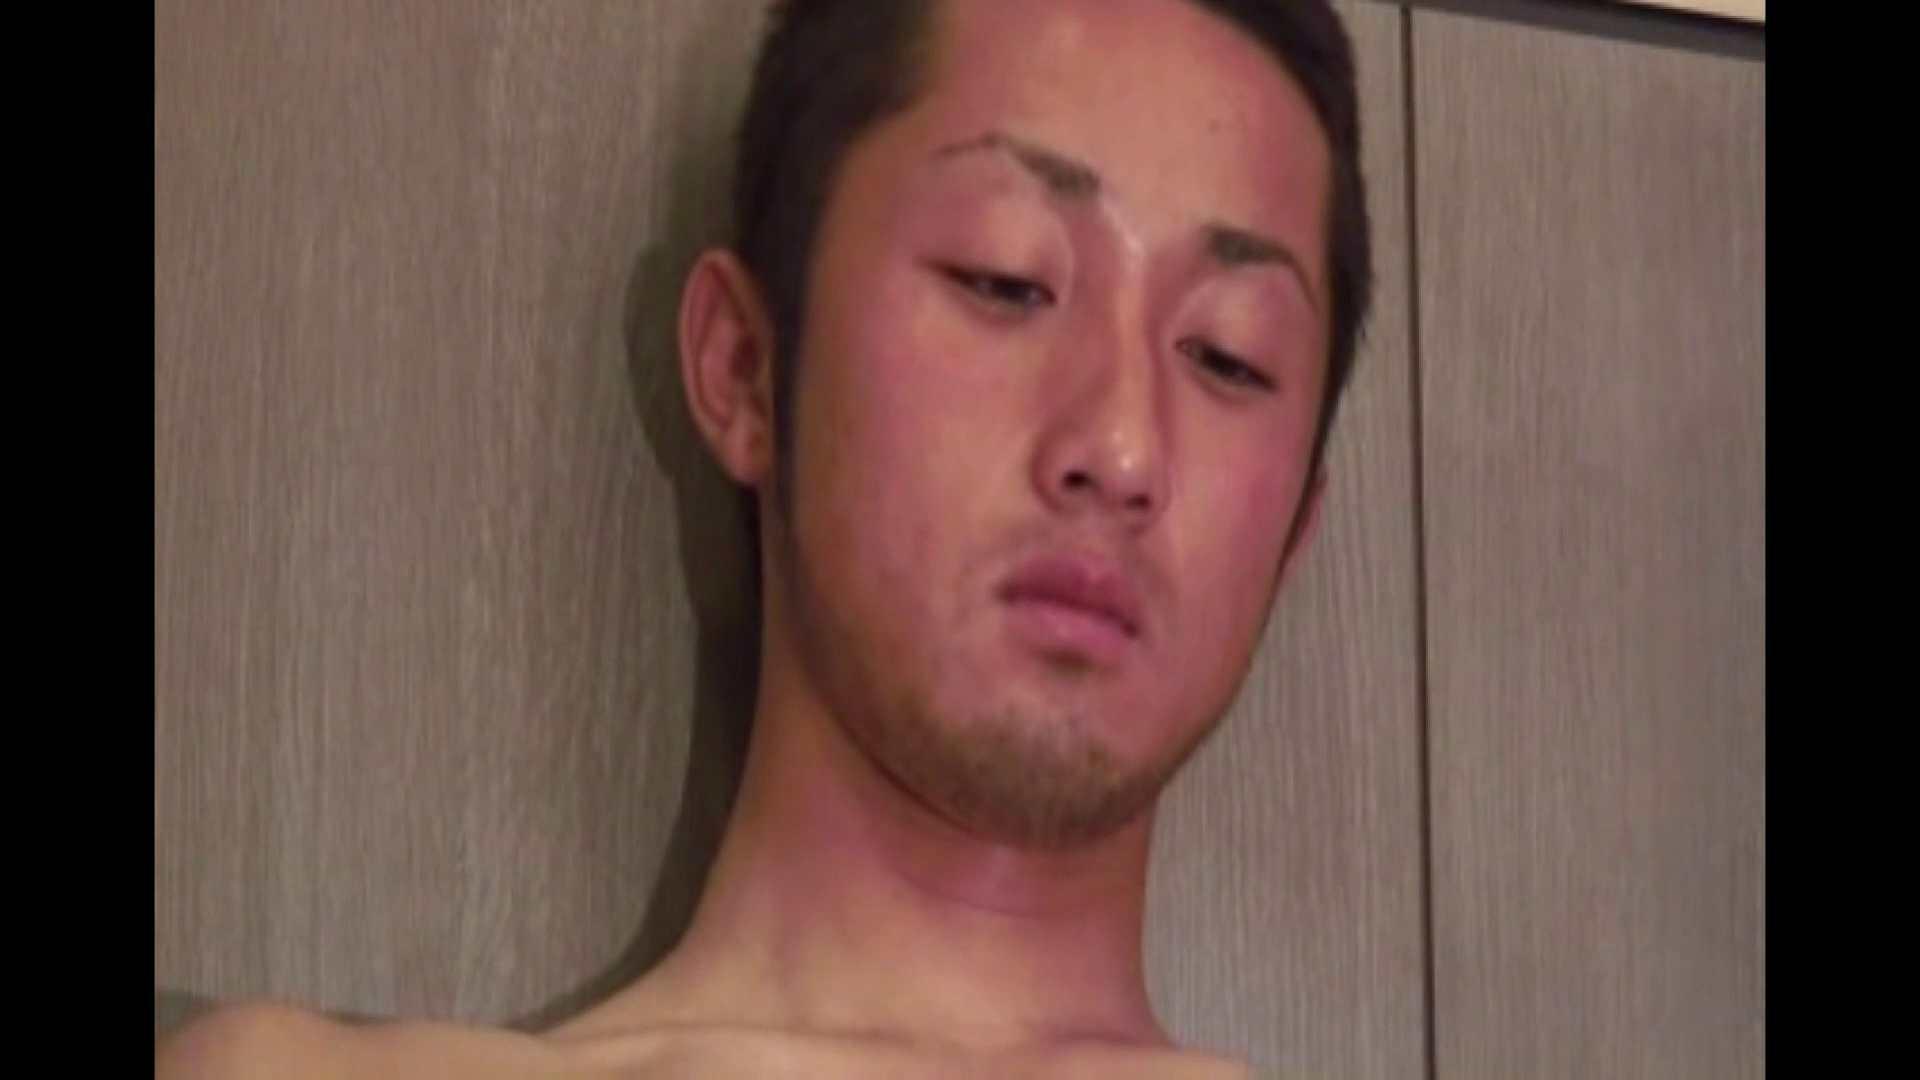 ノンケイケメンの欲望と肉棒 Vol.4 イケメン合体  110連発 48